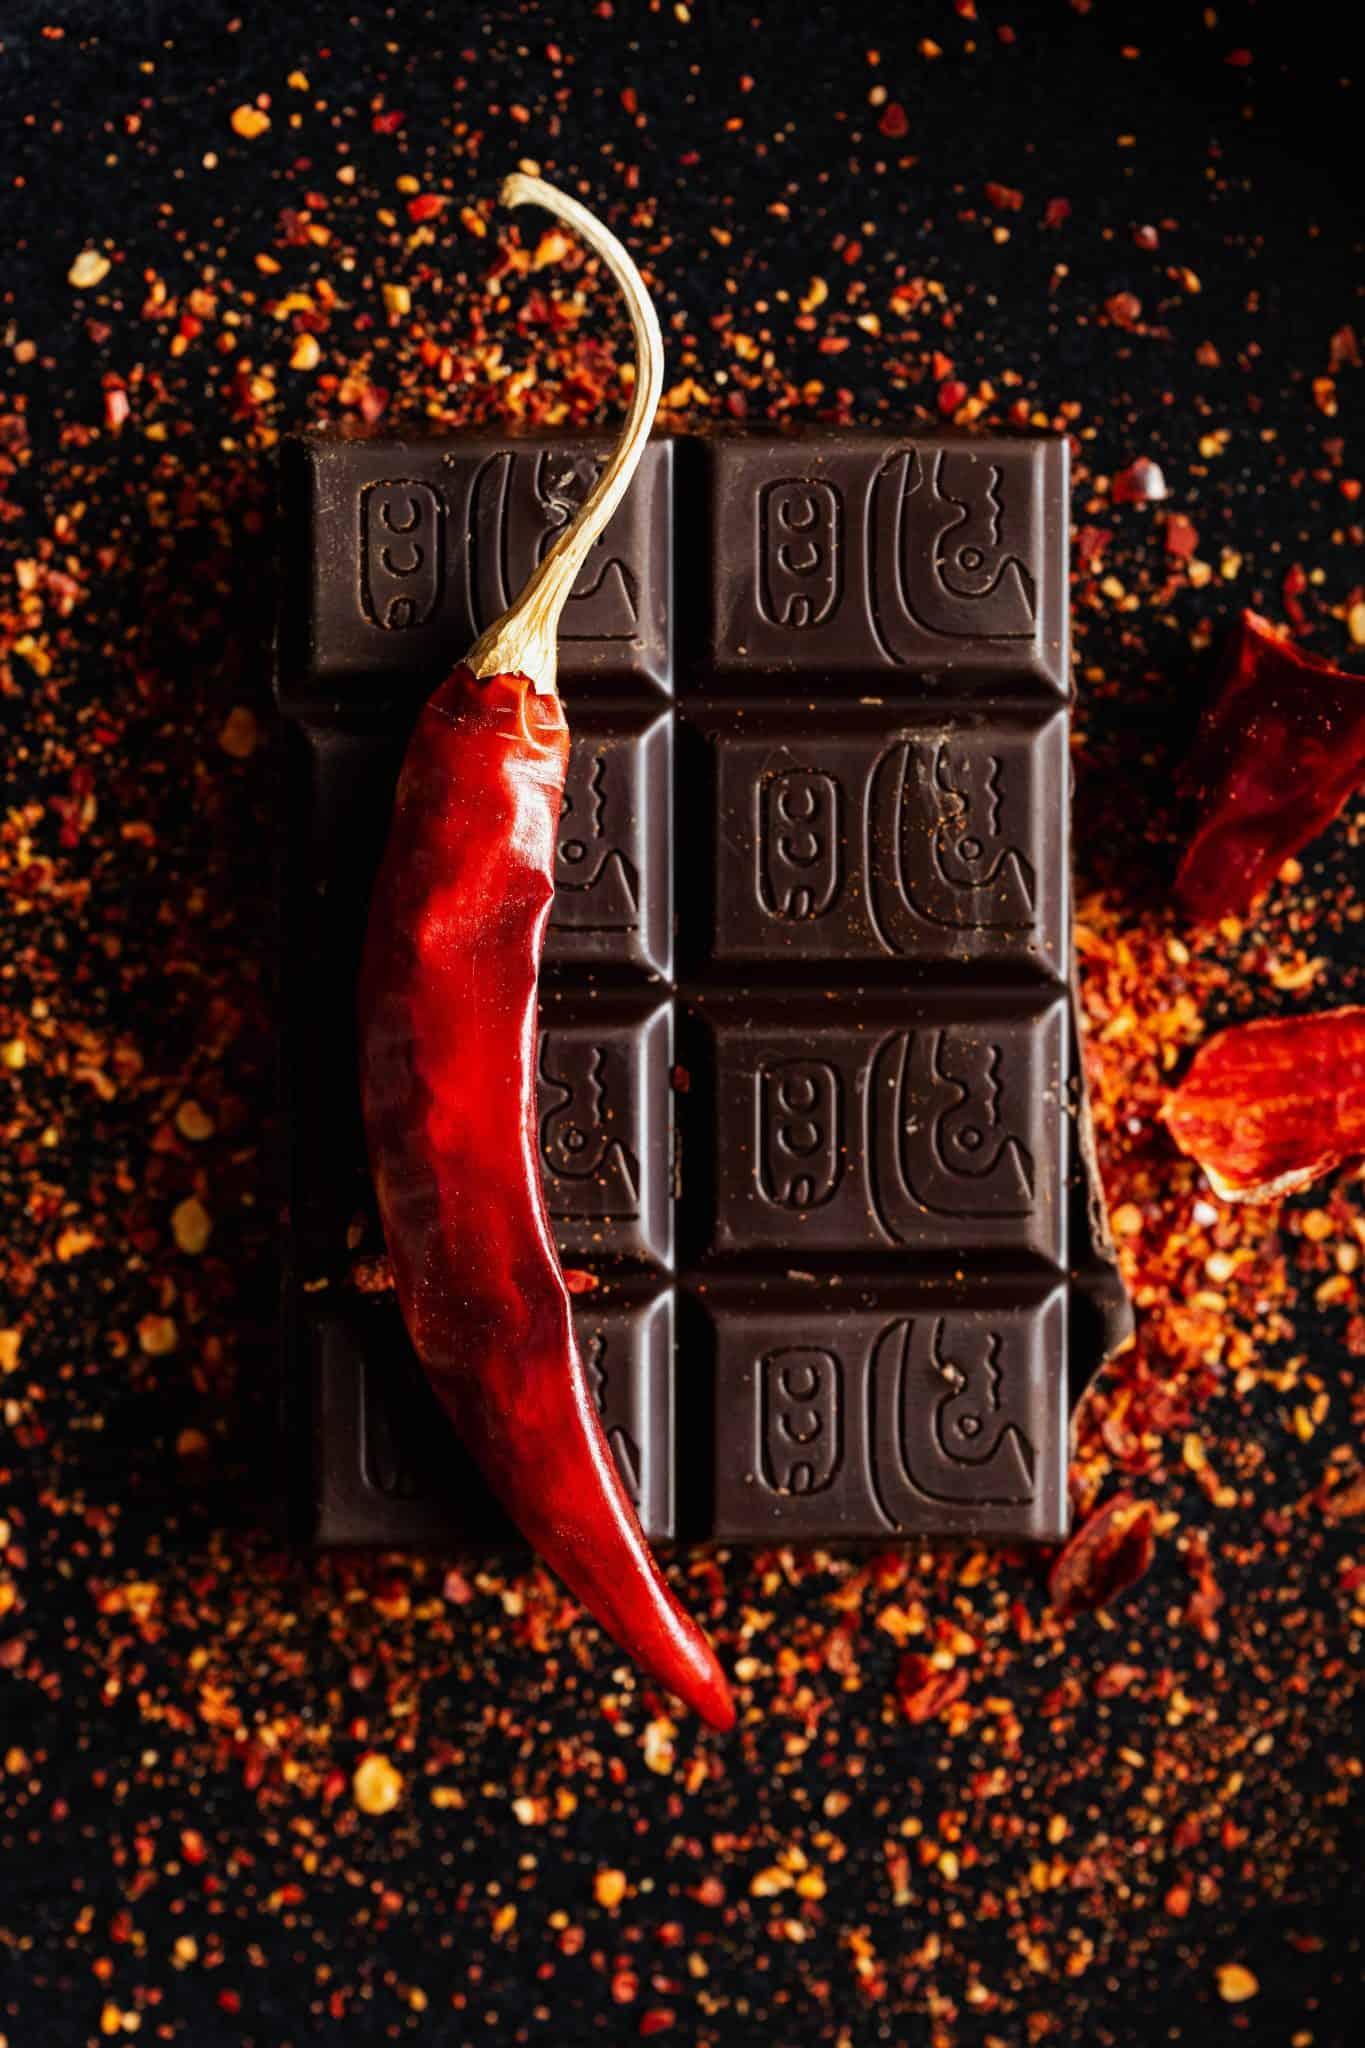 unusual food pairings Chilli chocolate | Photo by Karolina Grabowska from Pexels